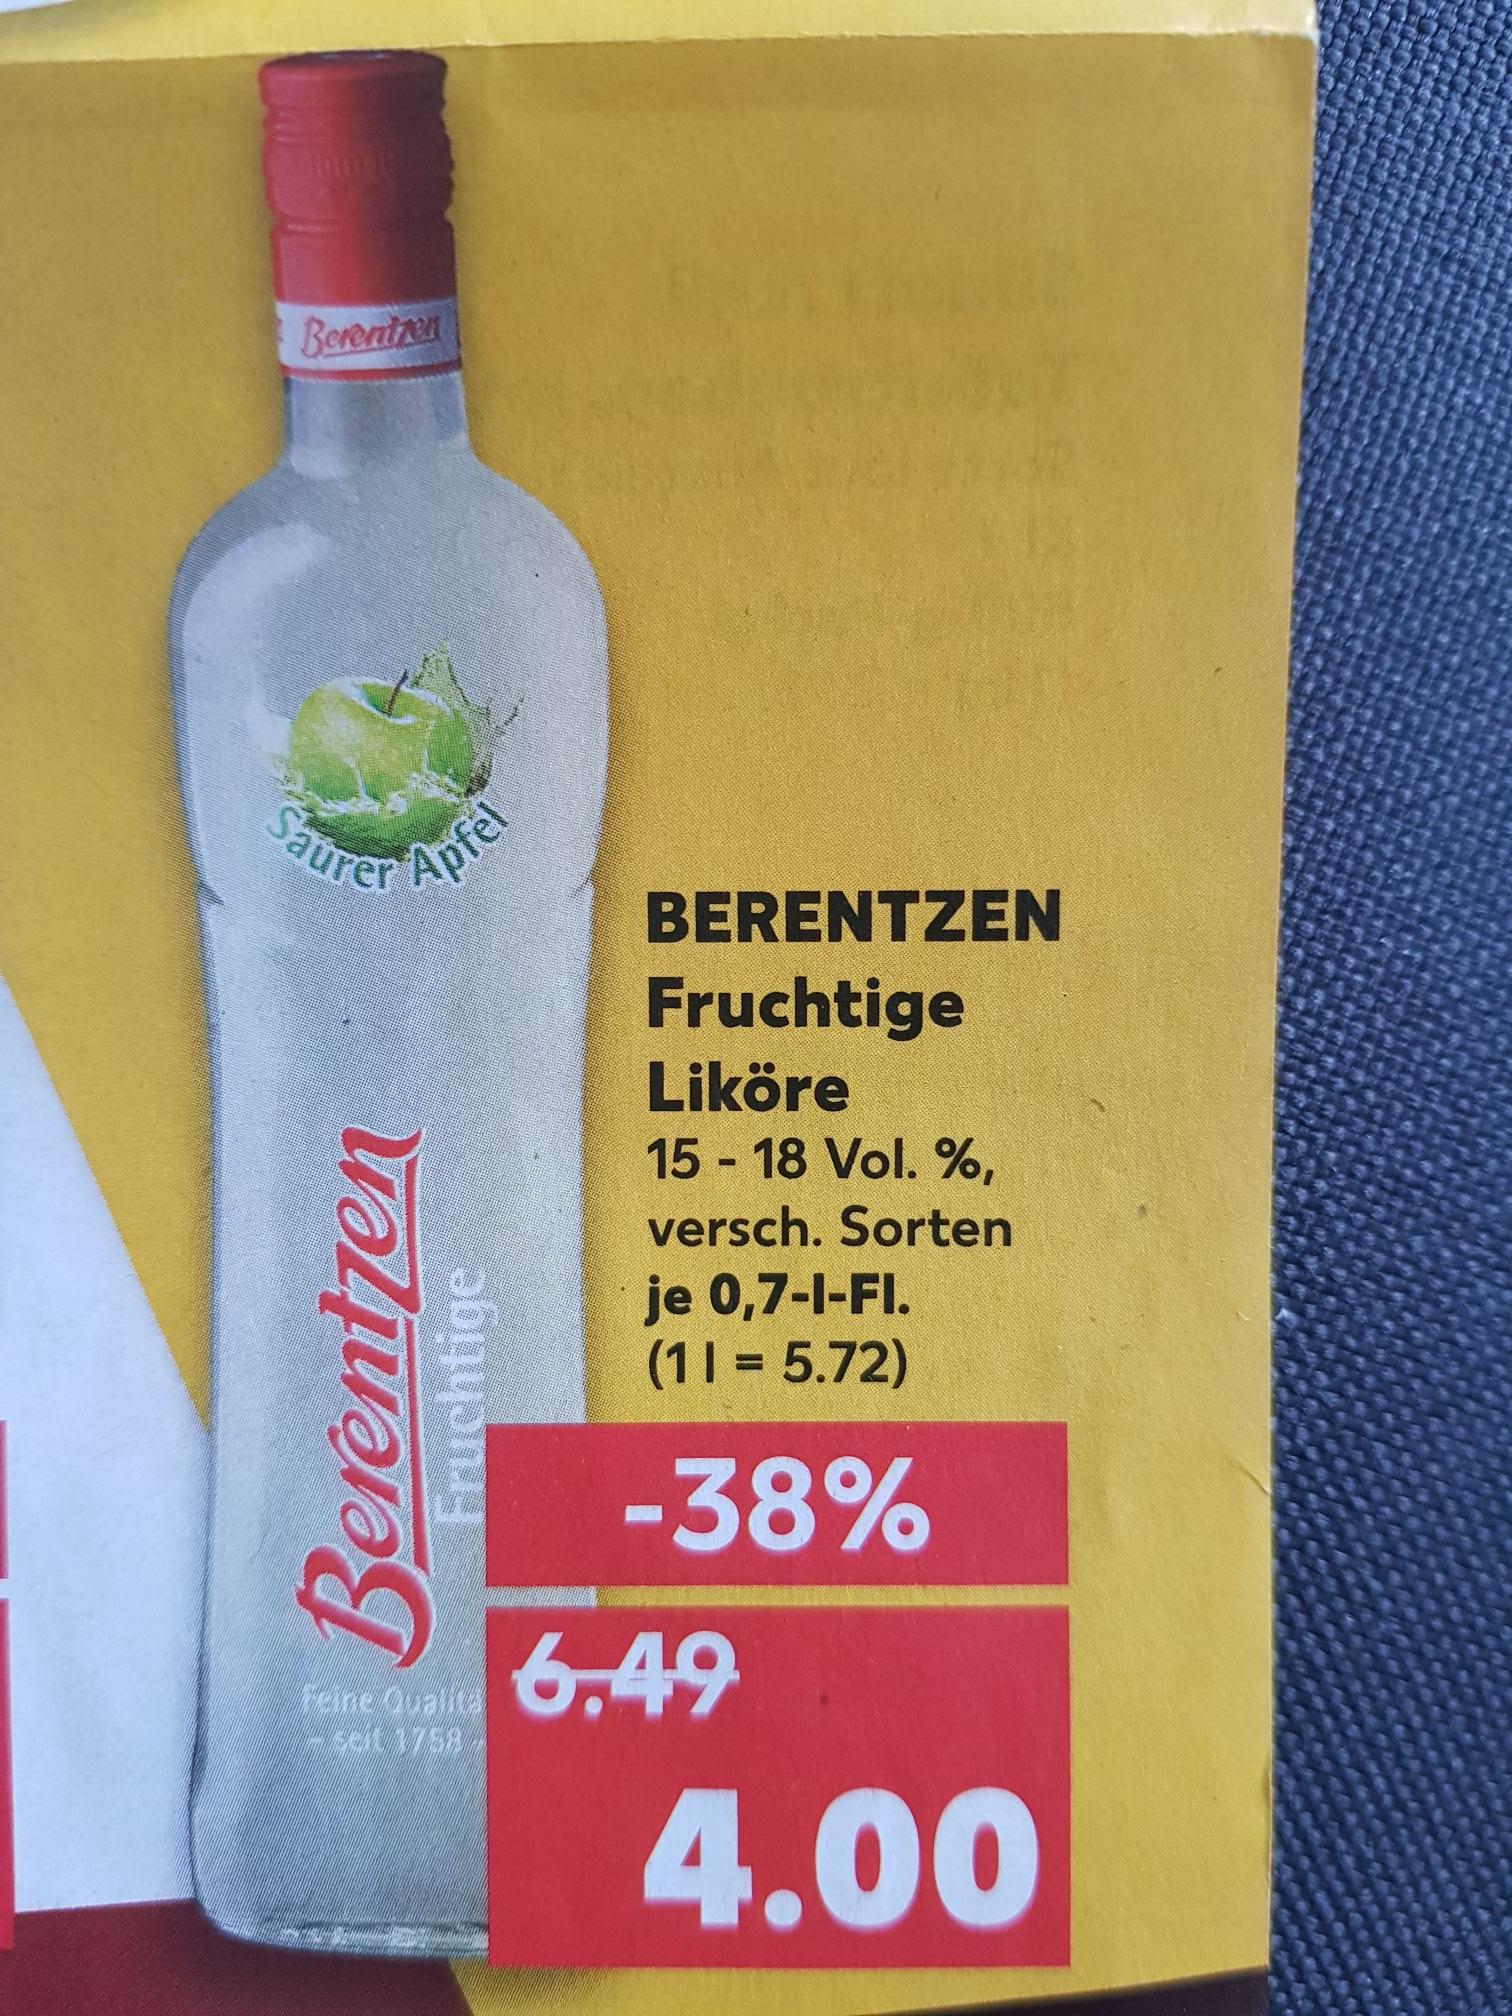 Berentzen Fruchtige Liköre [Kaufland] Weitere Spirituosen in der Beschreibung (Likör 43, Absolut Vodka)